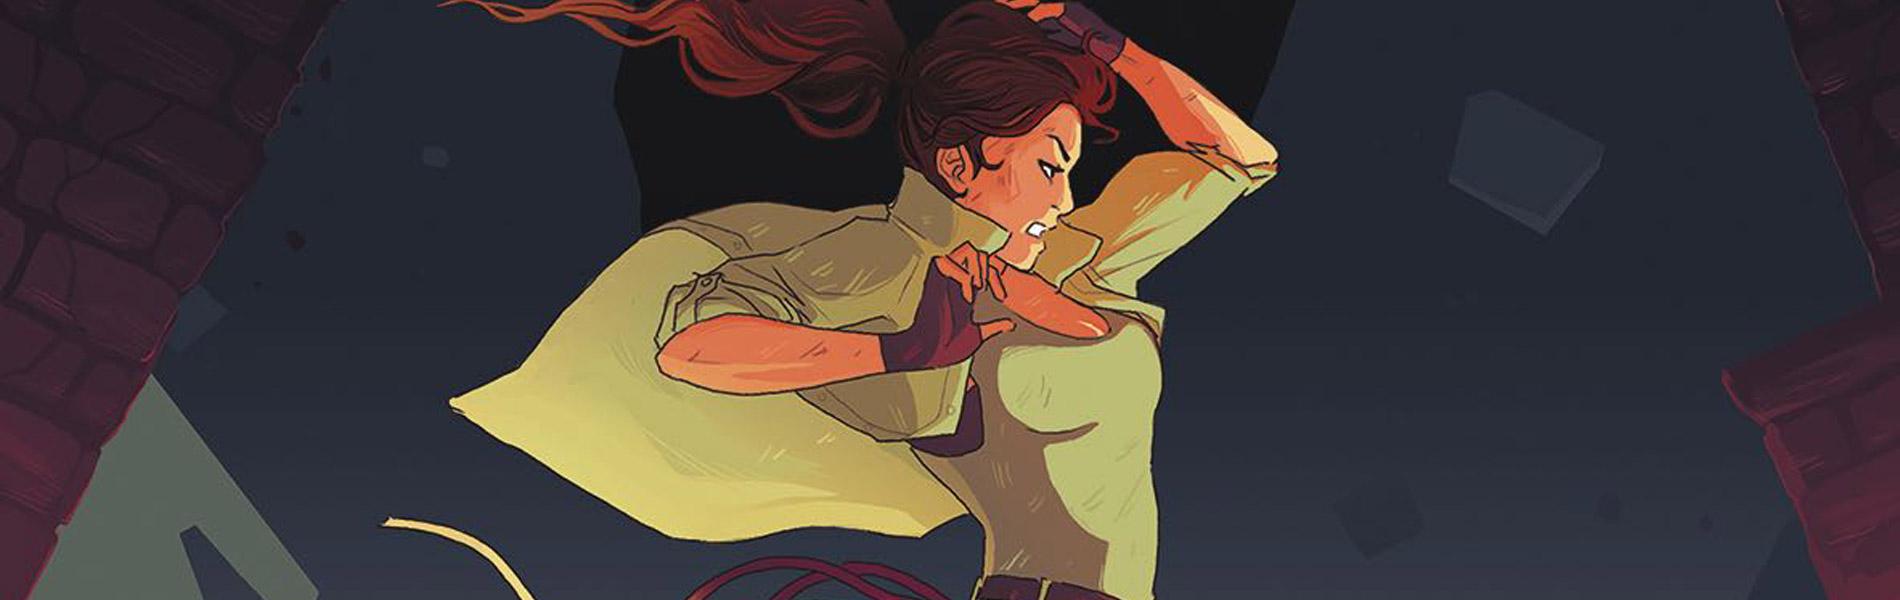 God of Comics – Tomb Raider: Survivors' Crusade #2